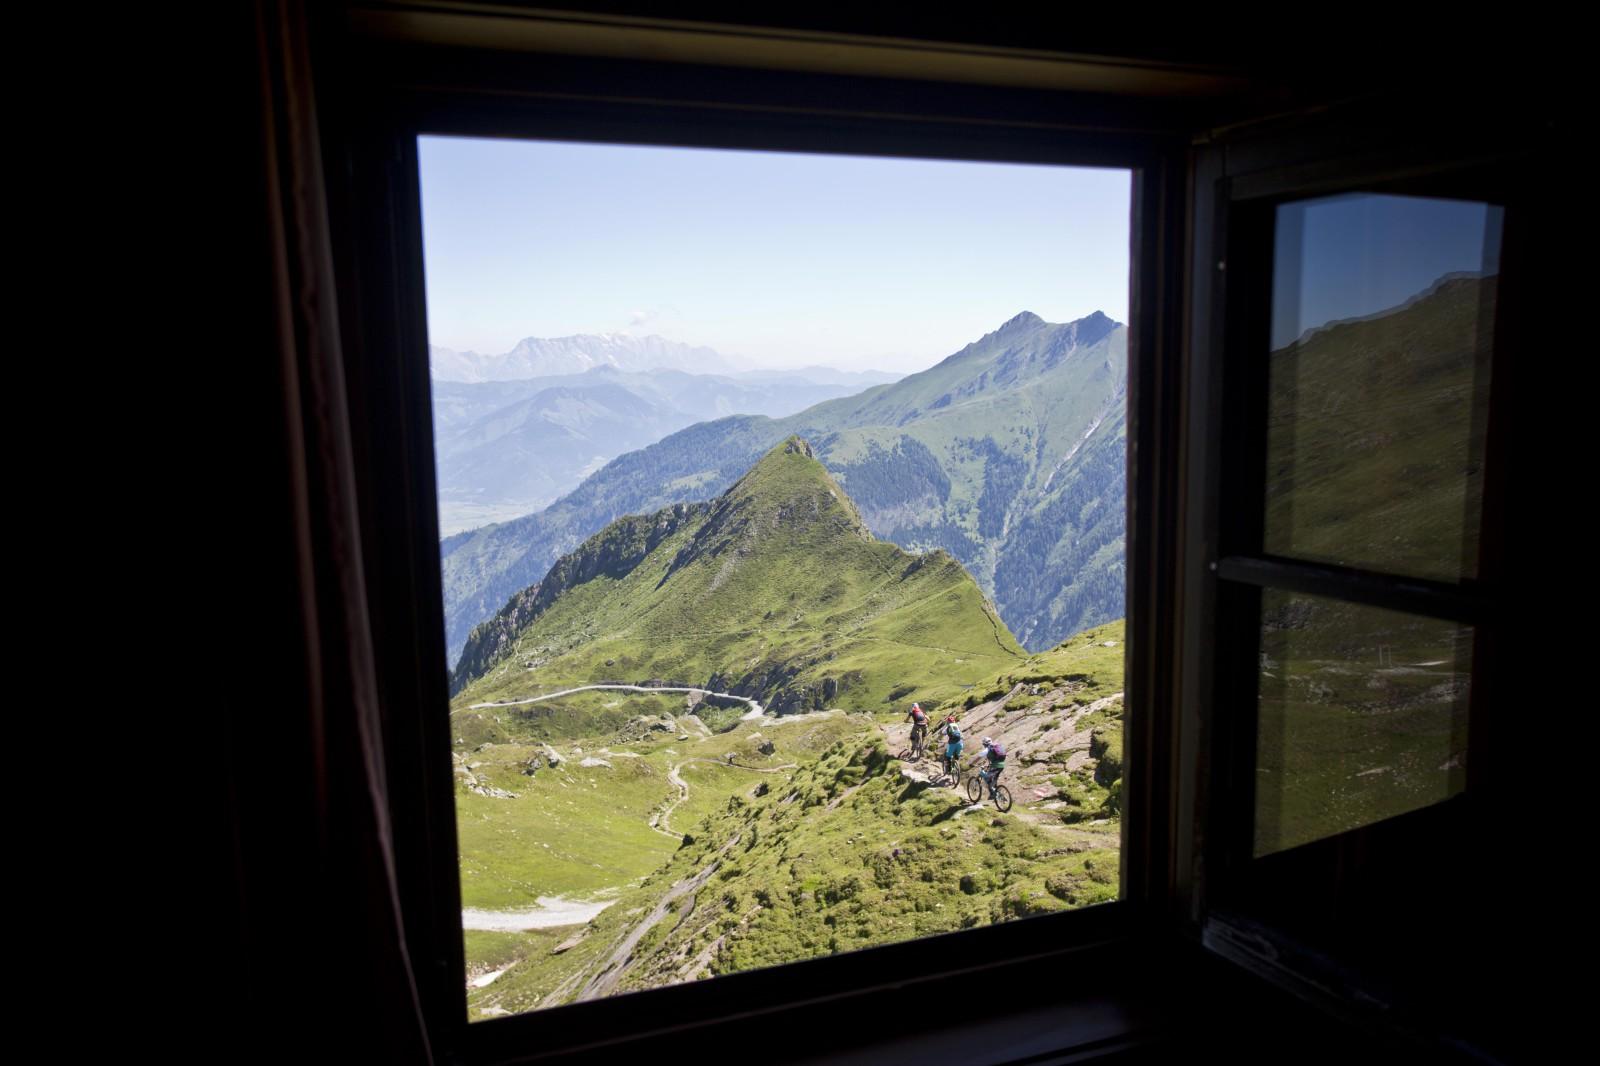 Zimmer mit Aussicht. Nicht nur von der Krefelder Hütte hat man einen unglaublichen Ausblick auf die umliegenden Berge.